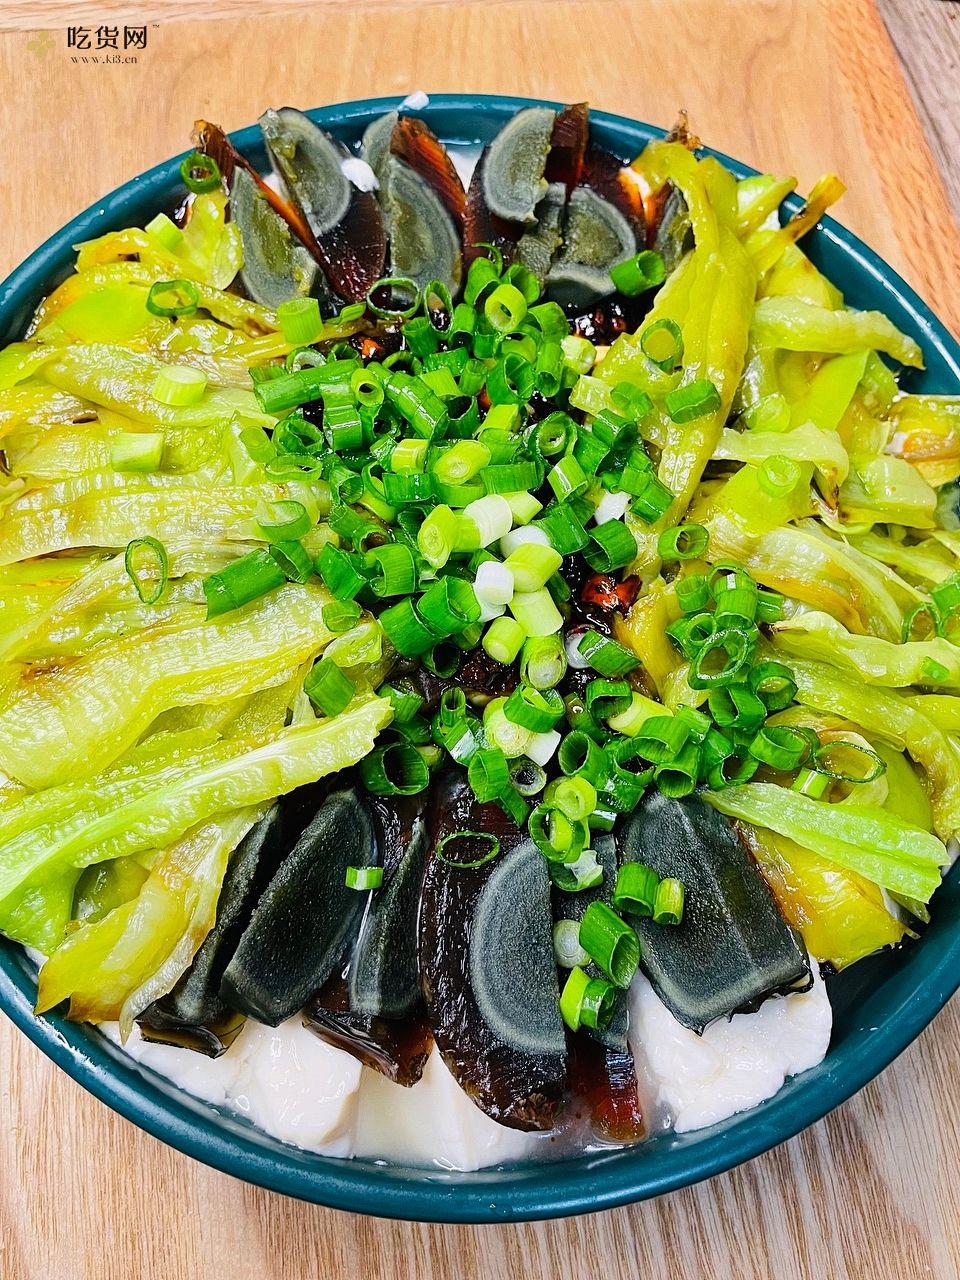 虎皮尖椒皮蛋拌豆腐——拯救没胃口的做法 步骤5